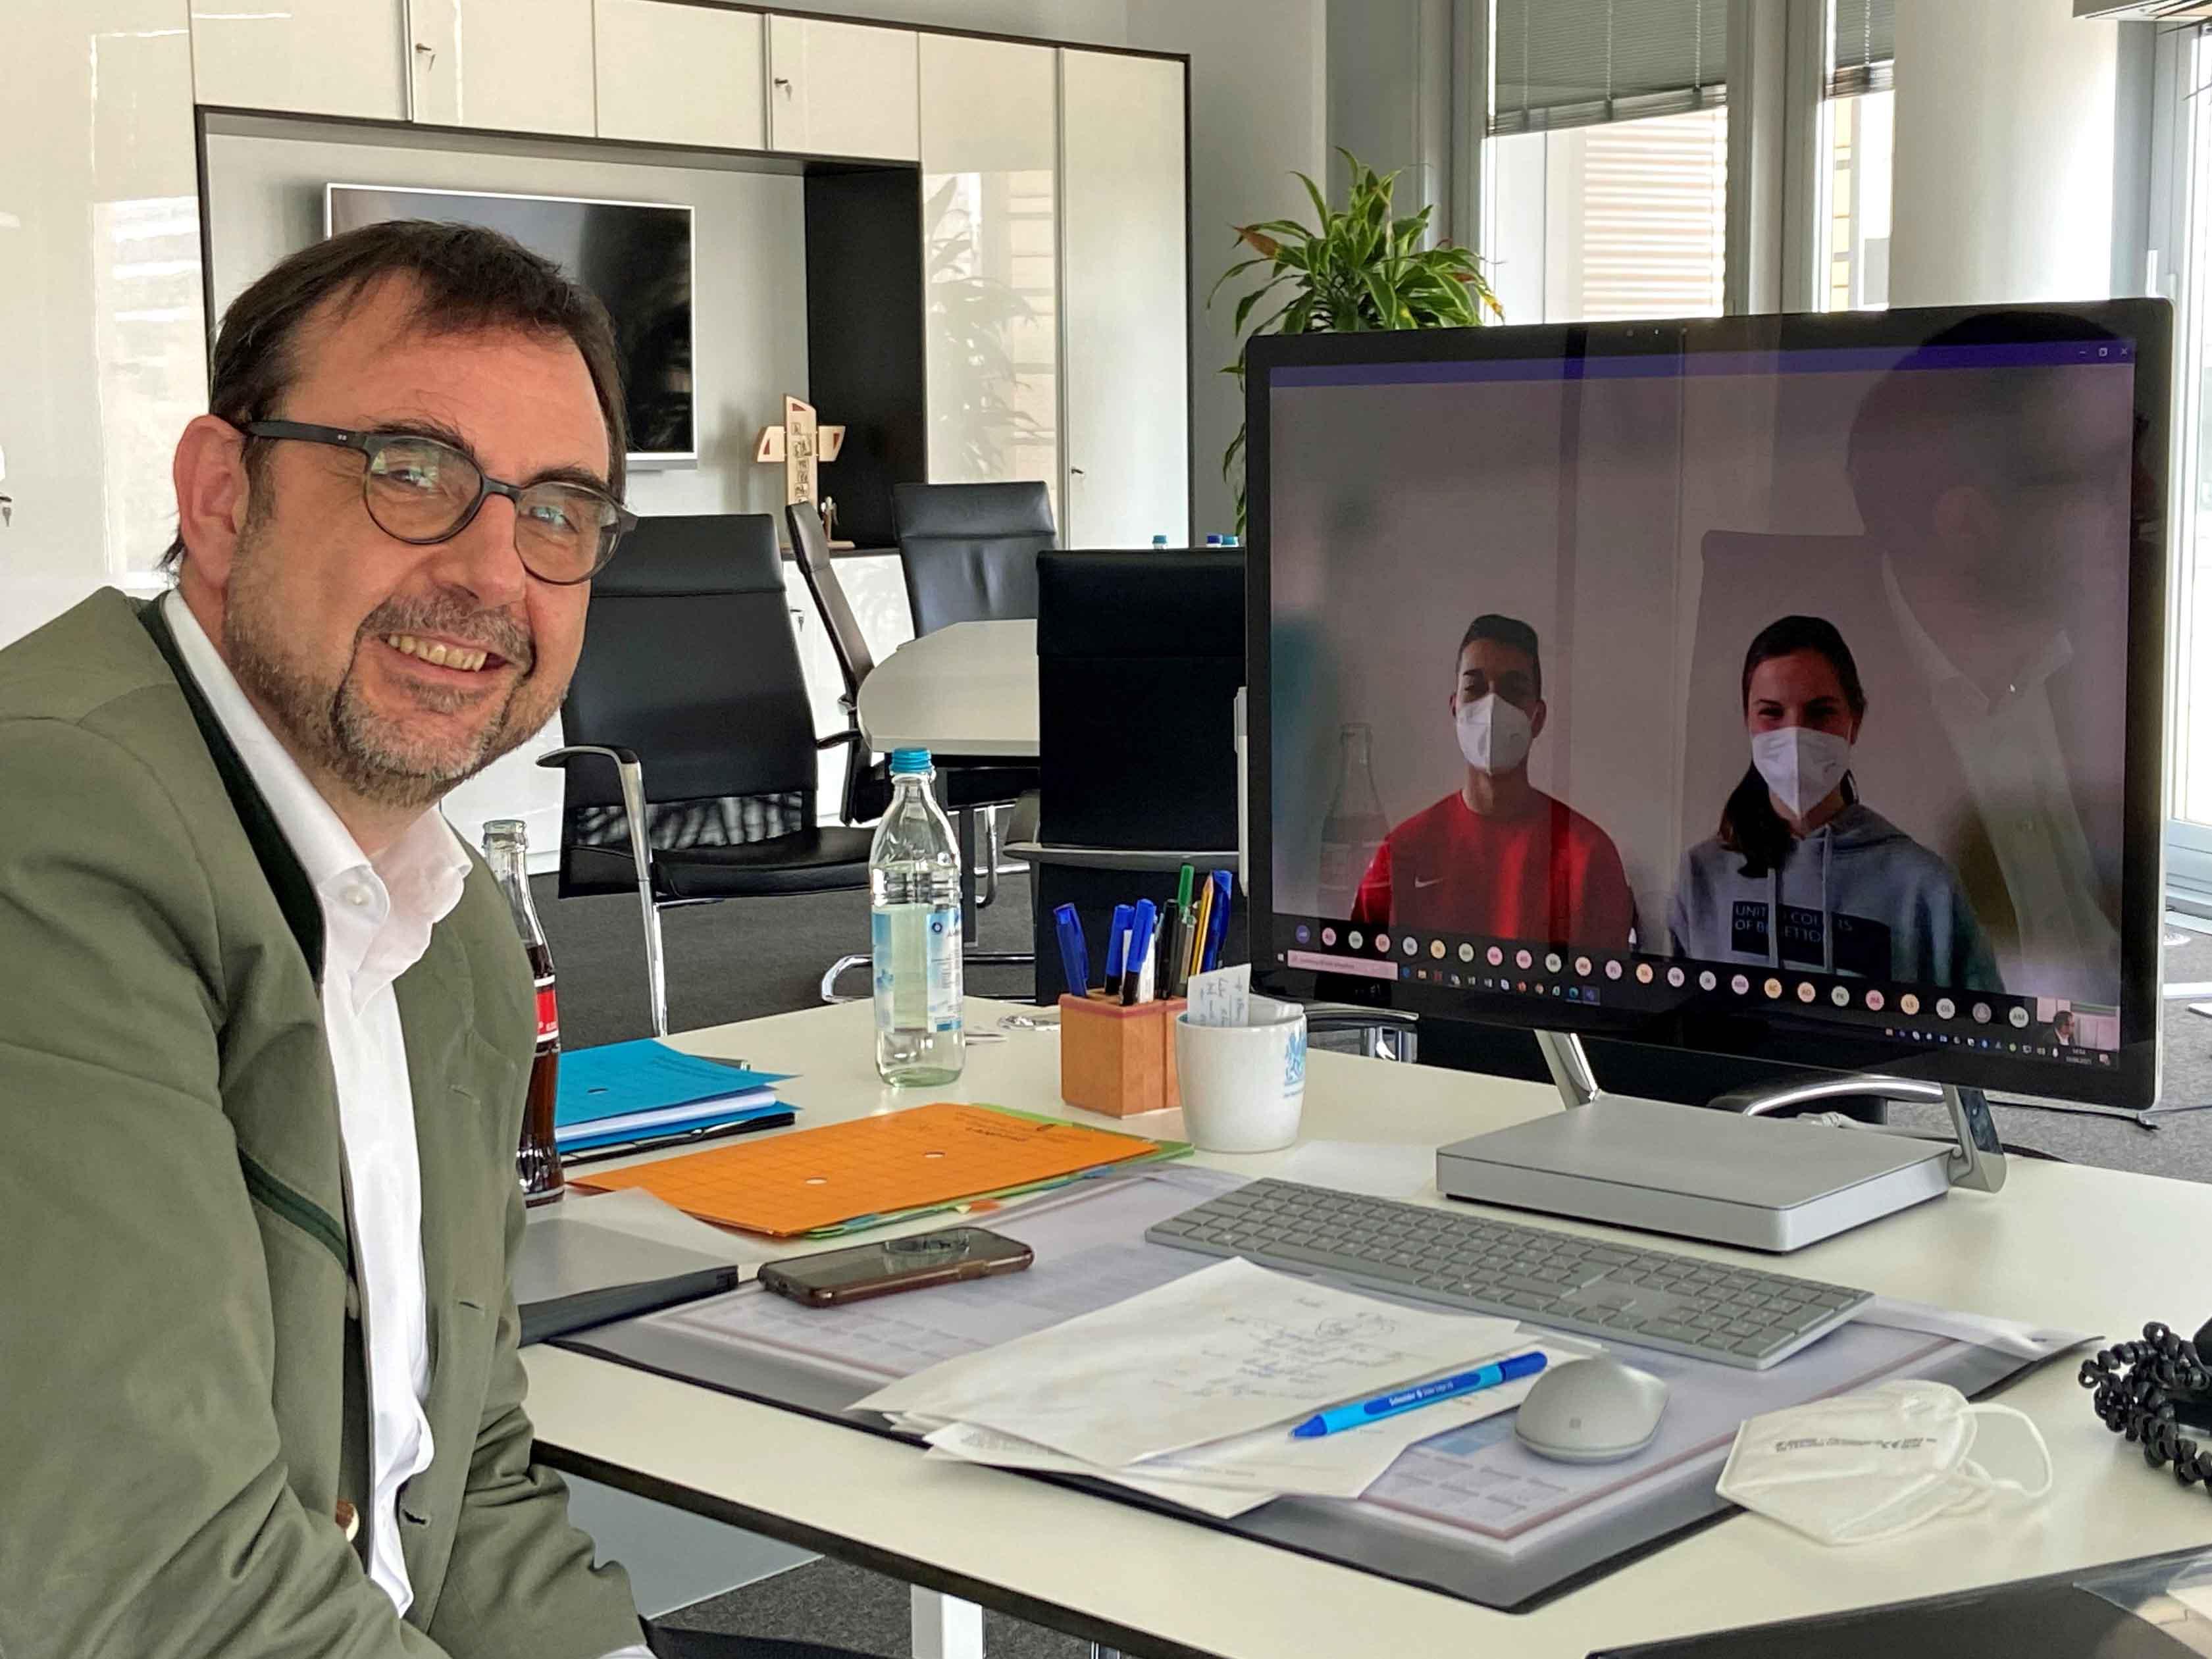 Emilian Limmer (9. Klasse) und Anna-Katharina Siegert (10. Klasse) moderierten ein Gespräch mit Gesundheitsminister Klaus Holetschek, der aus München zugeschaltet war. (Foto: Bayerisches Staatsministerium für Gesundheit und Pflege)